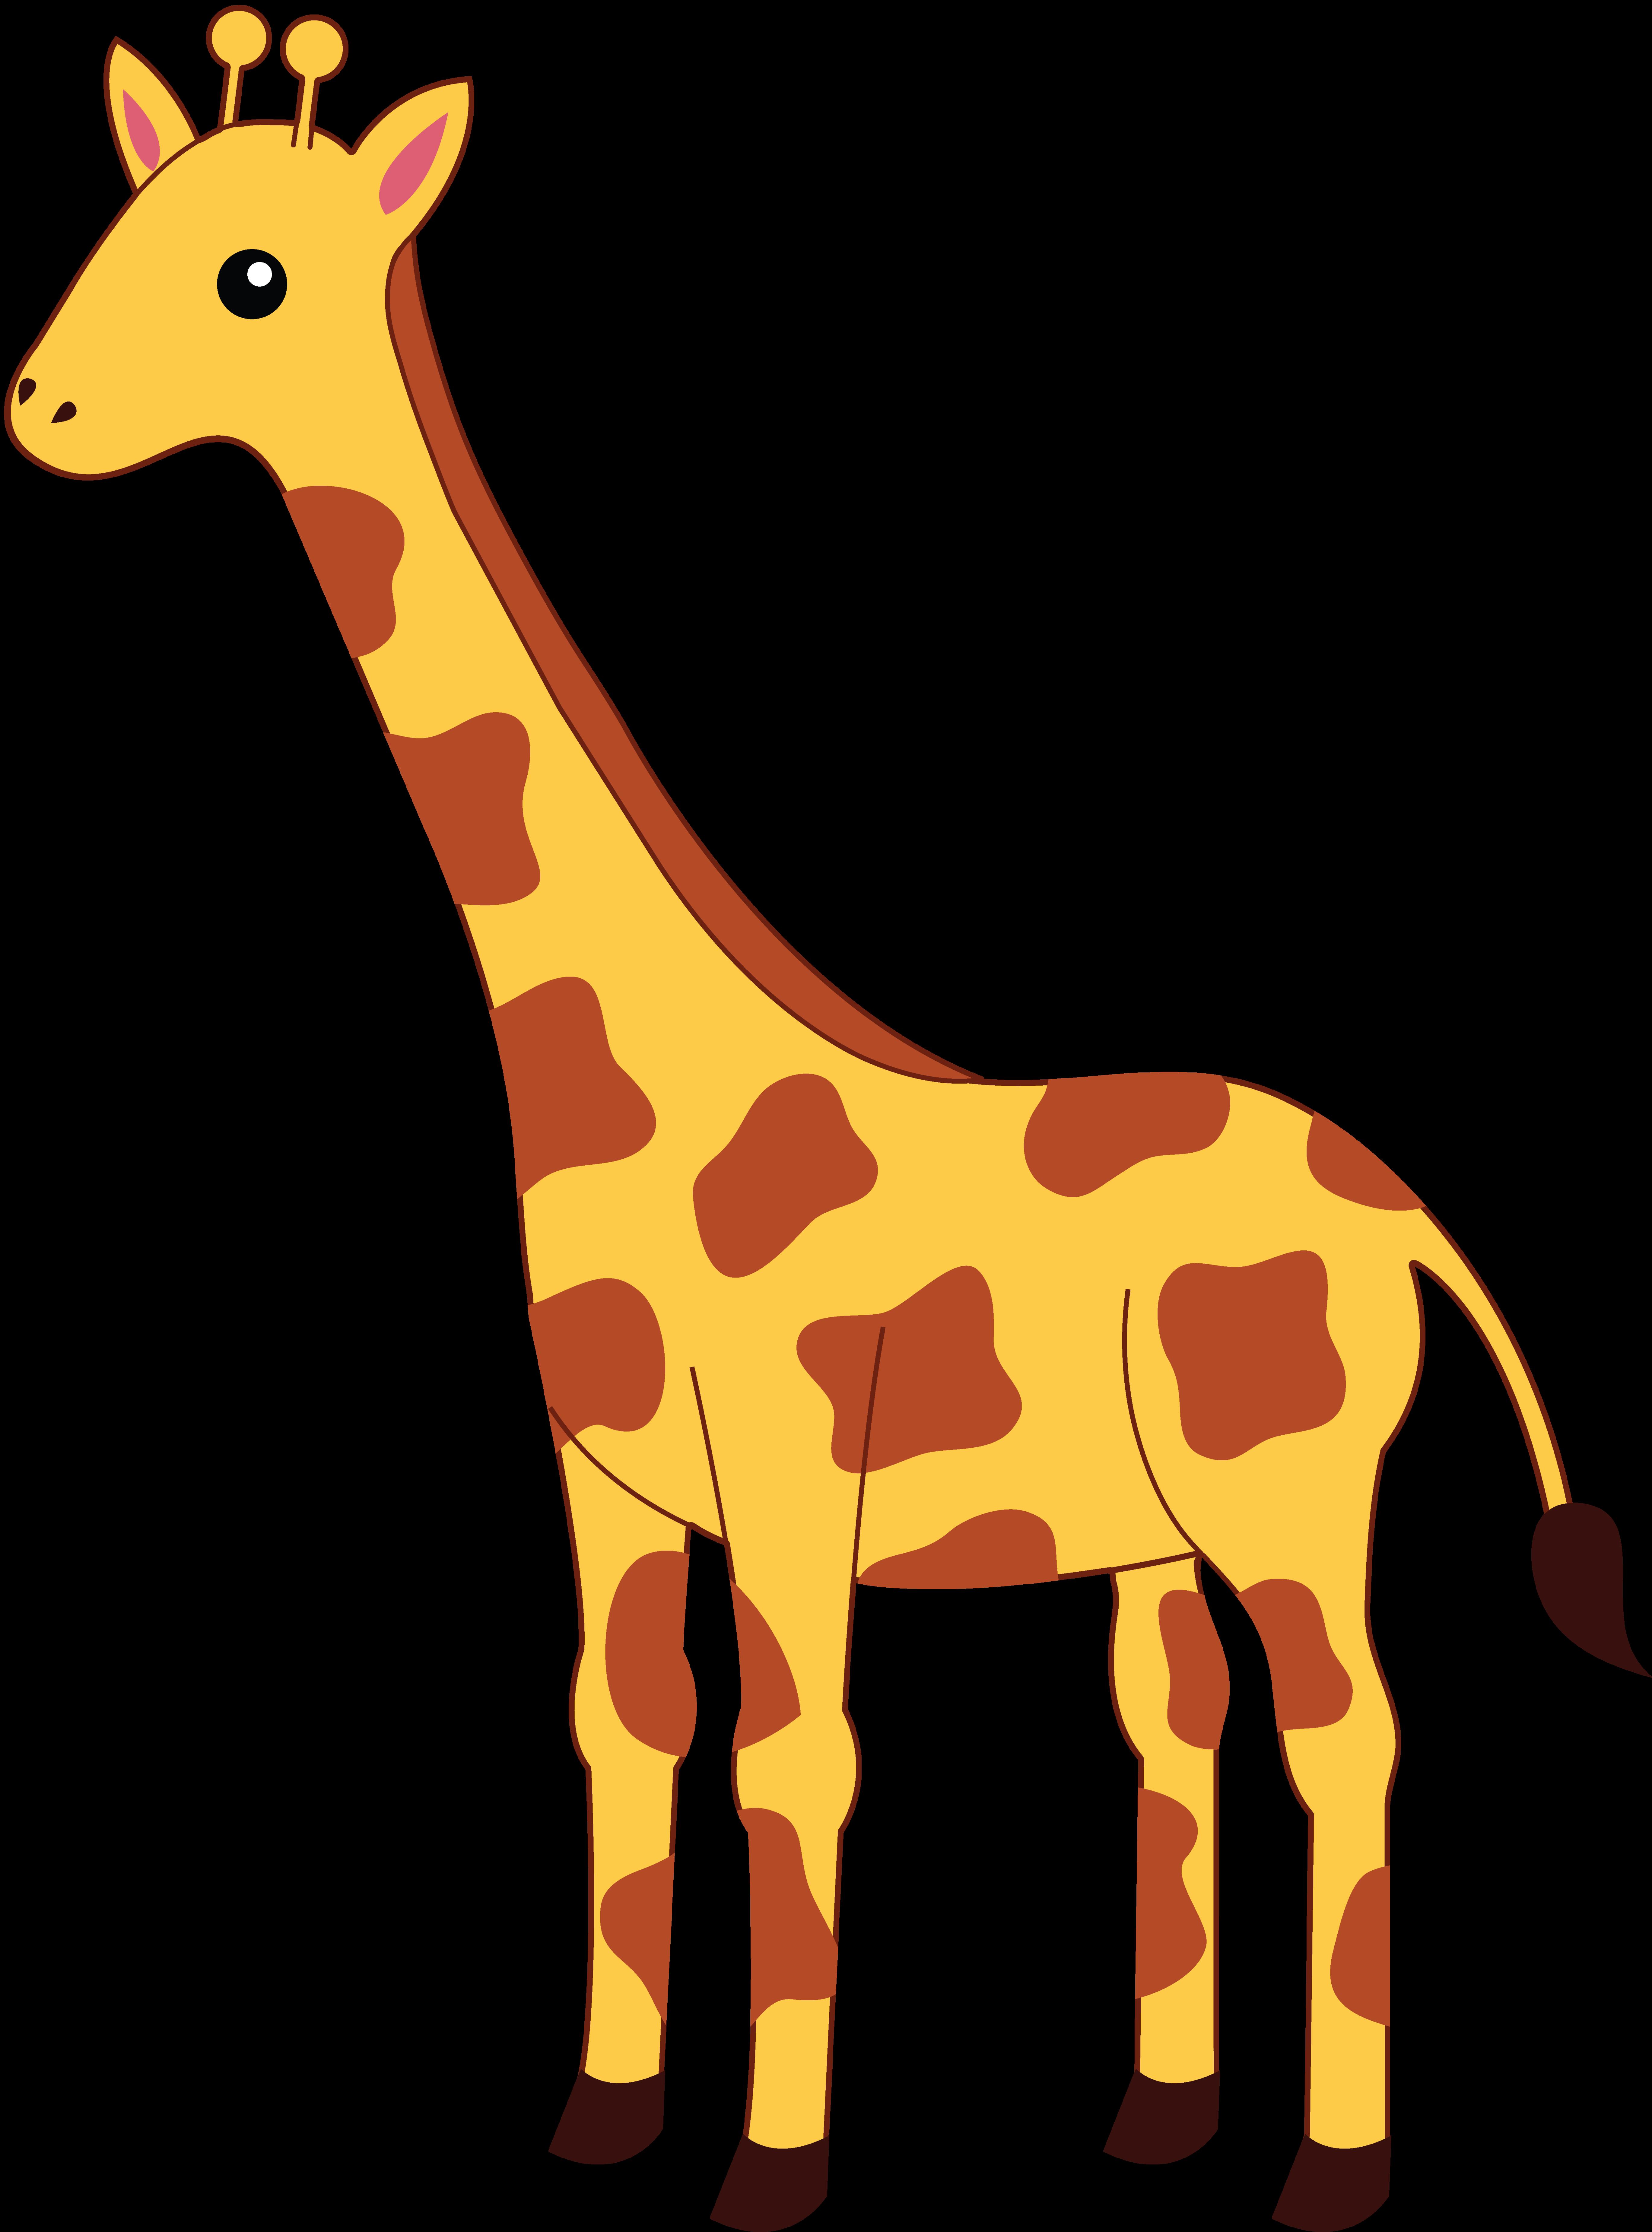 Free Giraffe Clipart & Giraffe Clip Art Images.